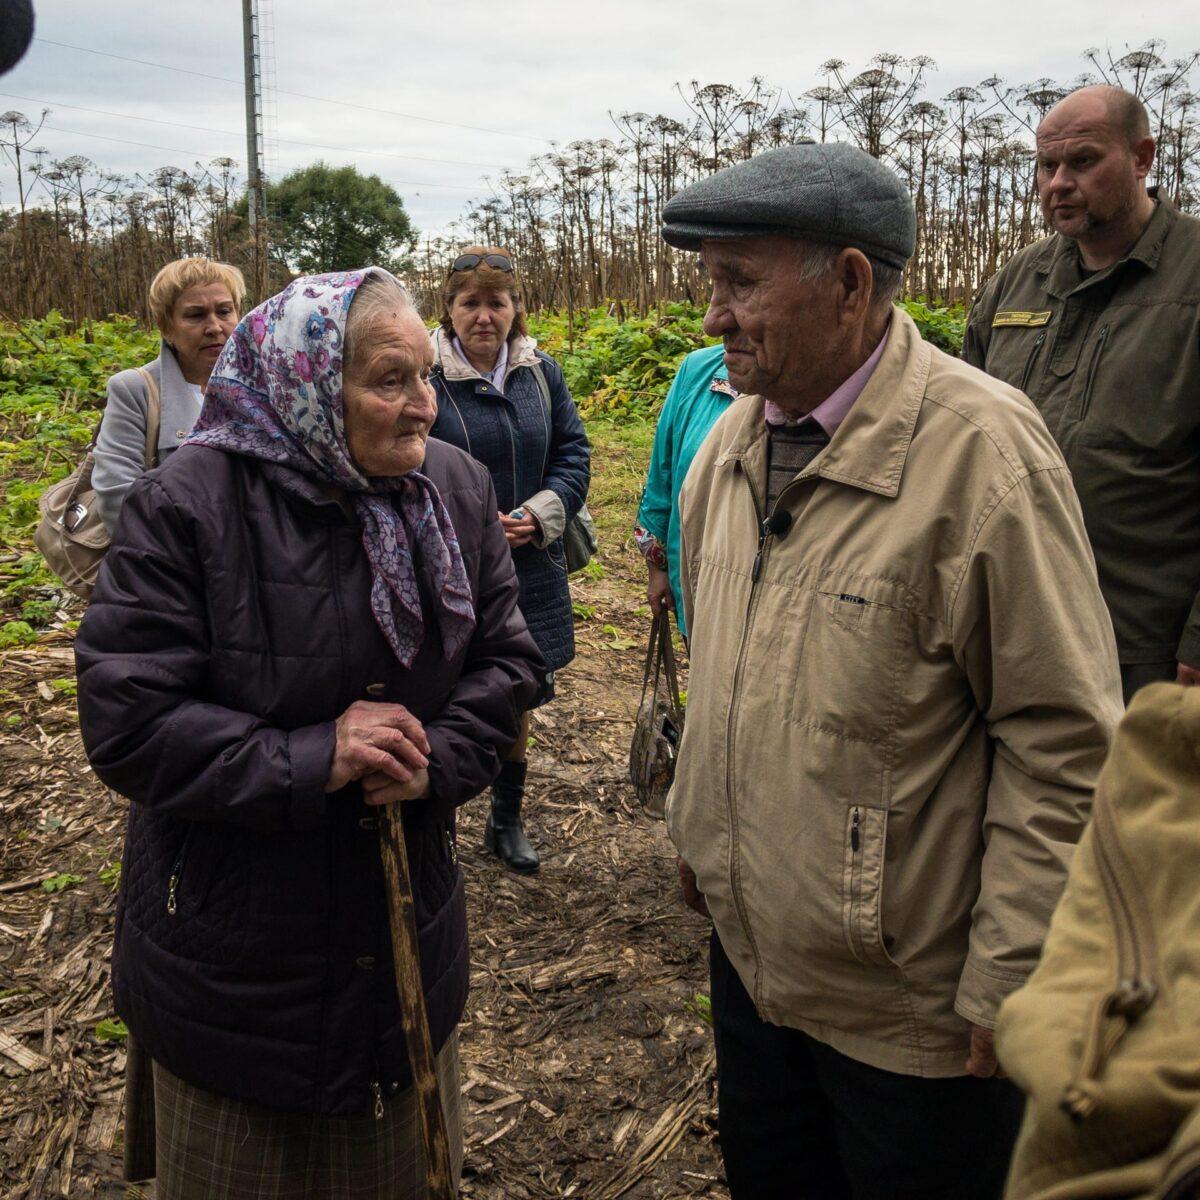 Пенсионерка из Тверской области помогла жителю Уфы найти отца спустя 78 лет